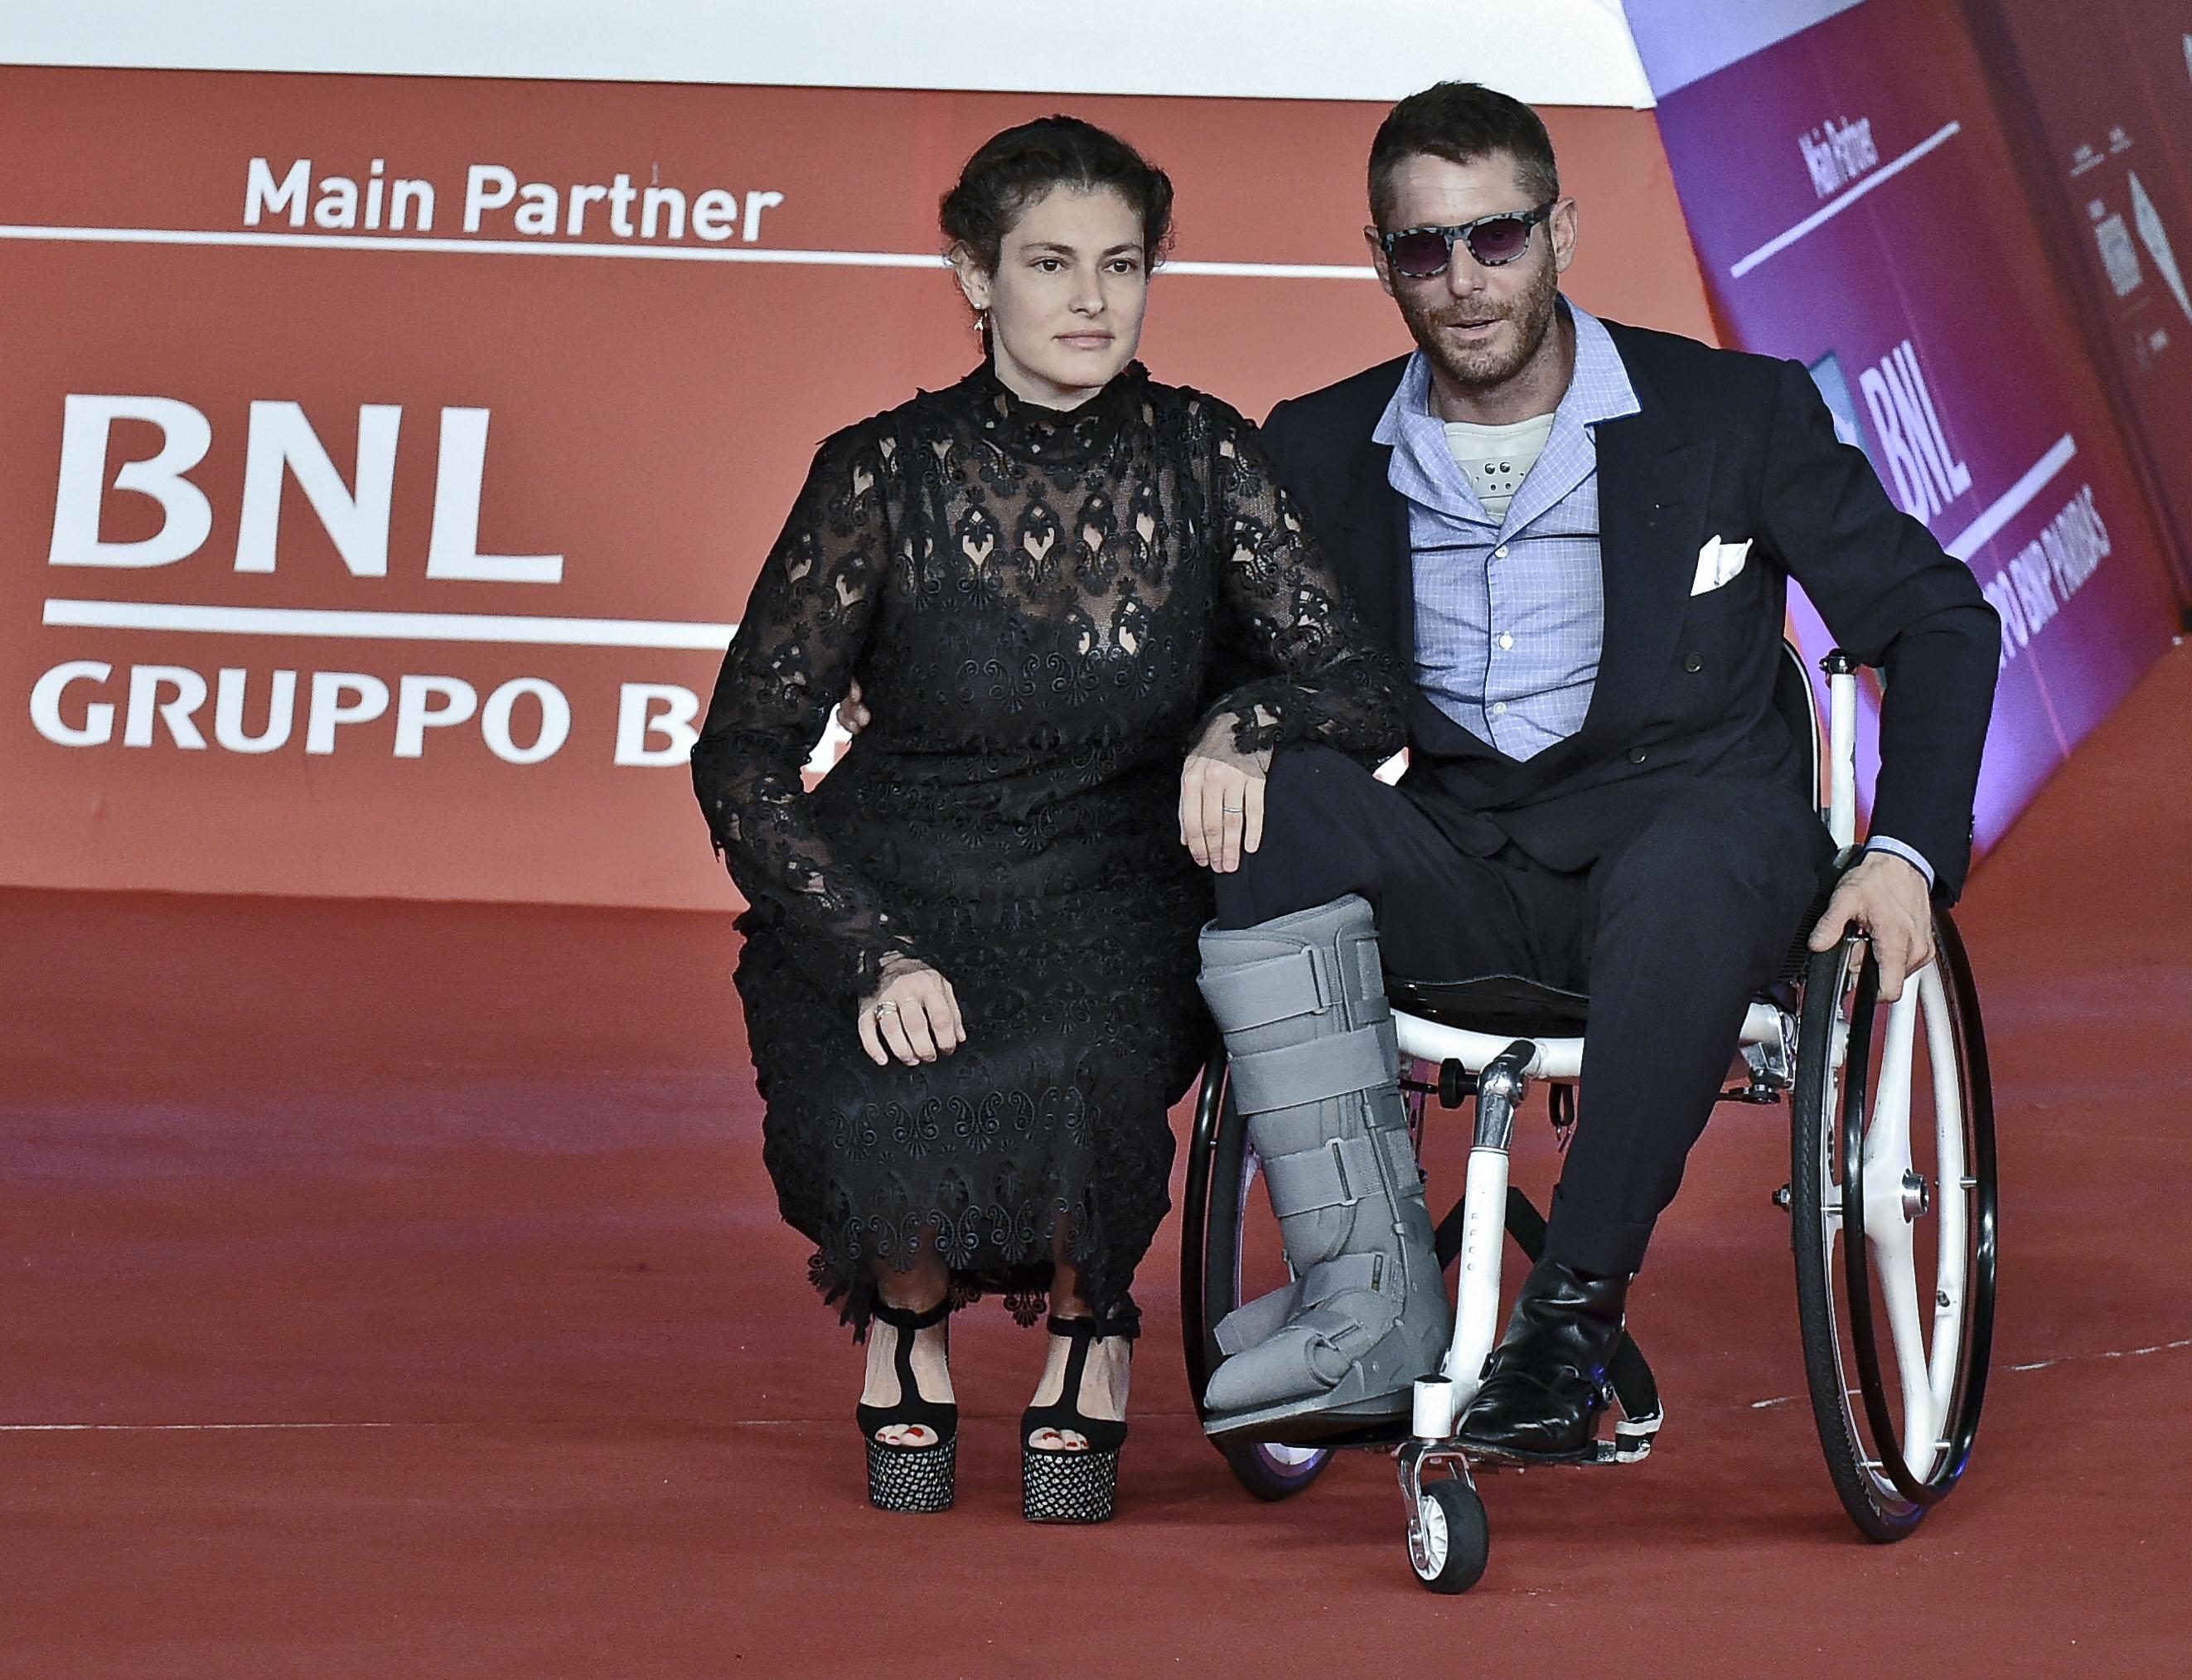 Sedie A Rotelle Roma : Lapo elkann sedia a rotelle e sigaretta sul red carpet del festival